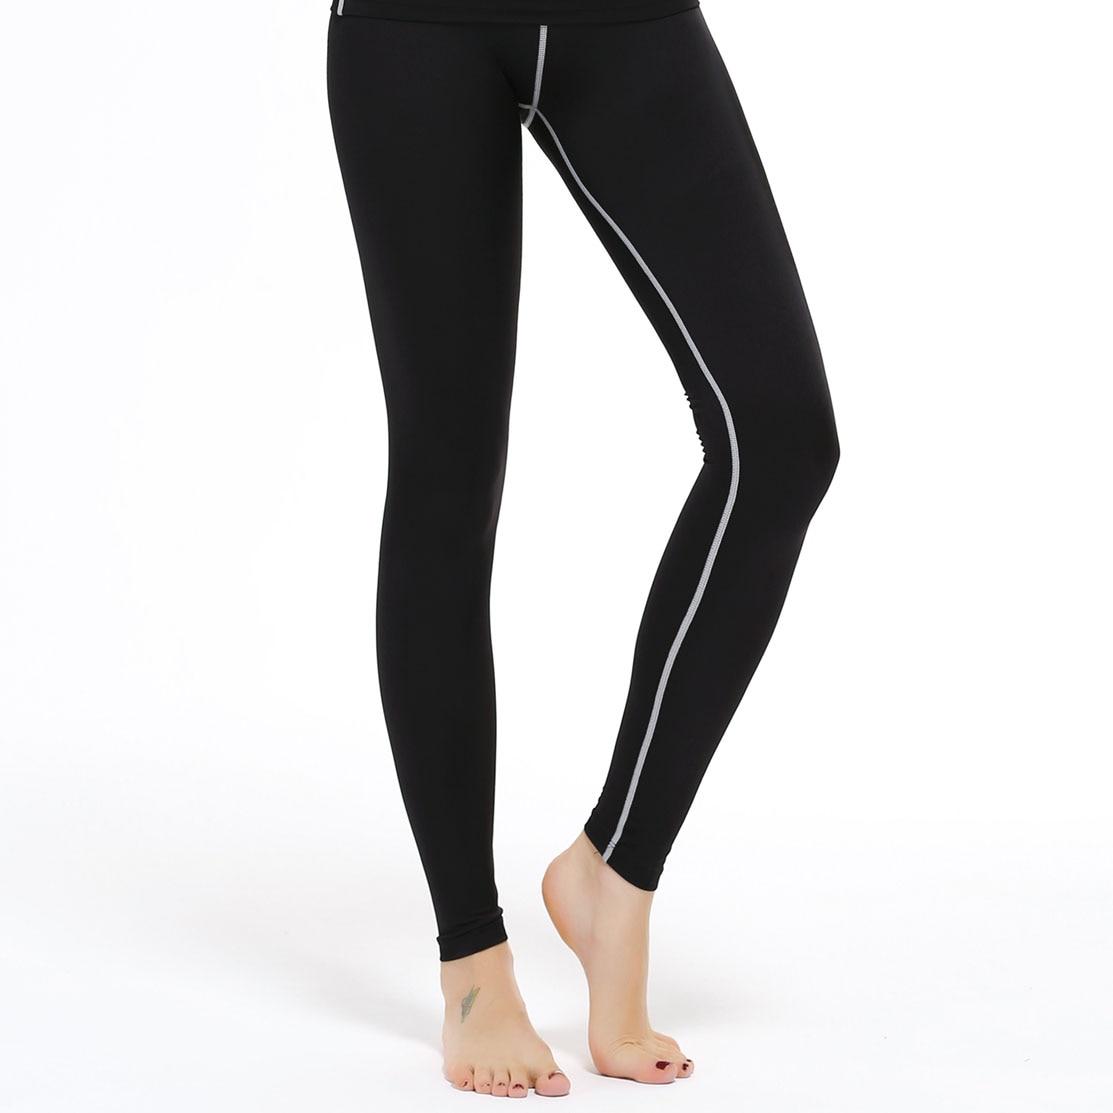 High Elastic font b Women s b font Compression Long Pants Fitness Skin Joggers font b